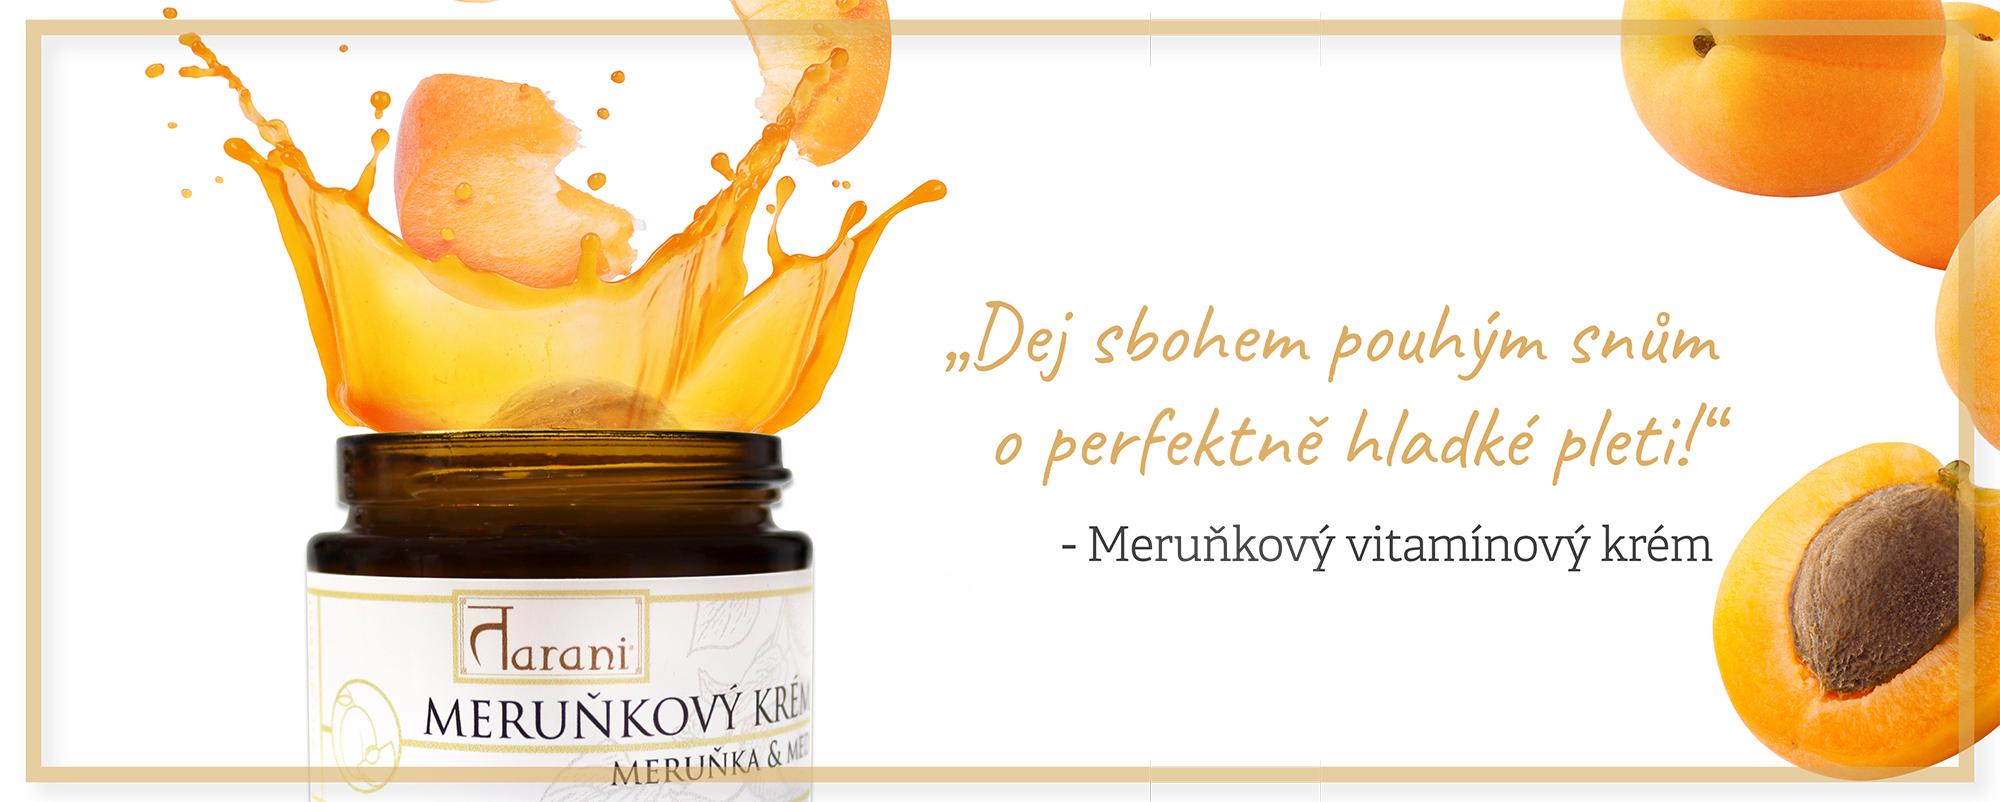 Meruňkový krém přírodní kosmetika Tarani vitamíny